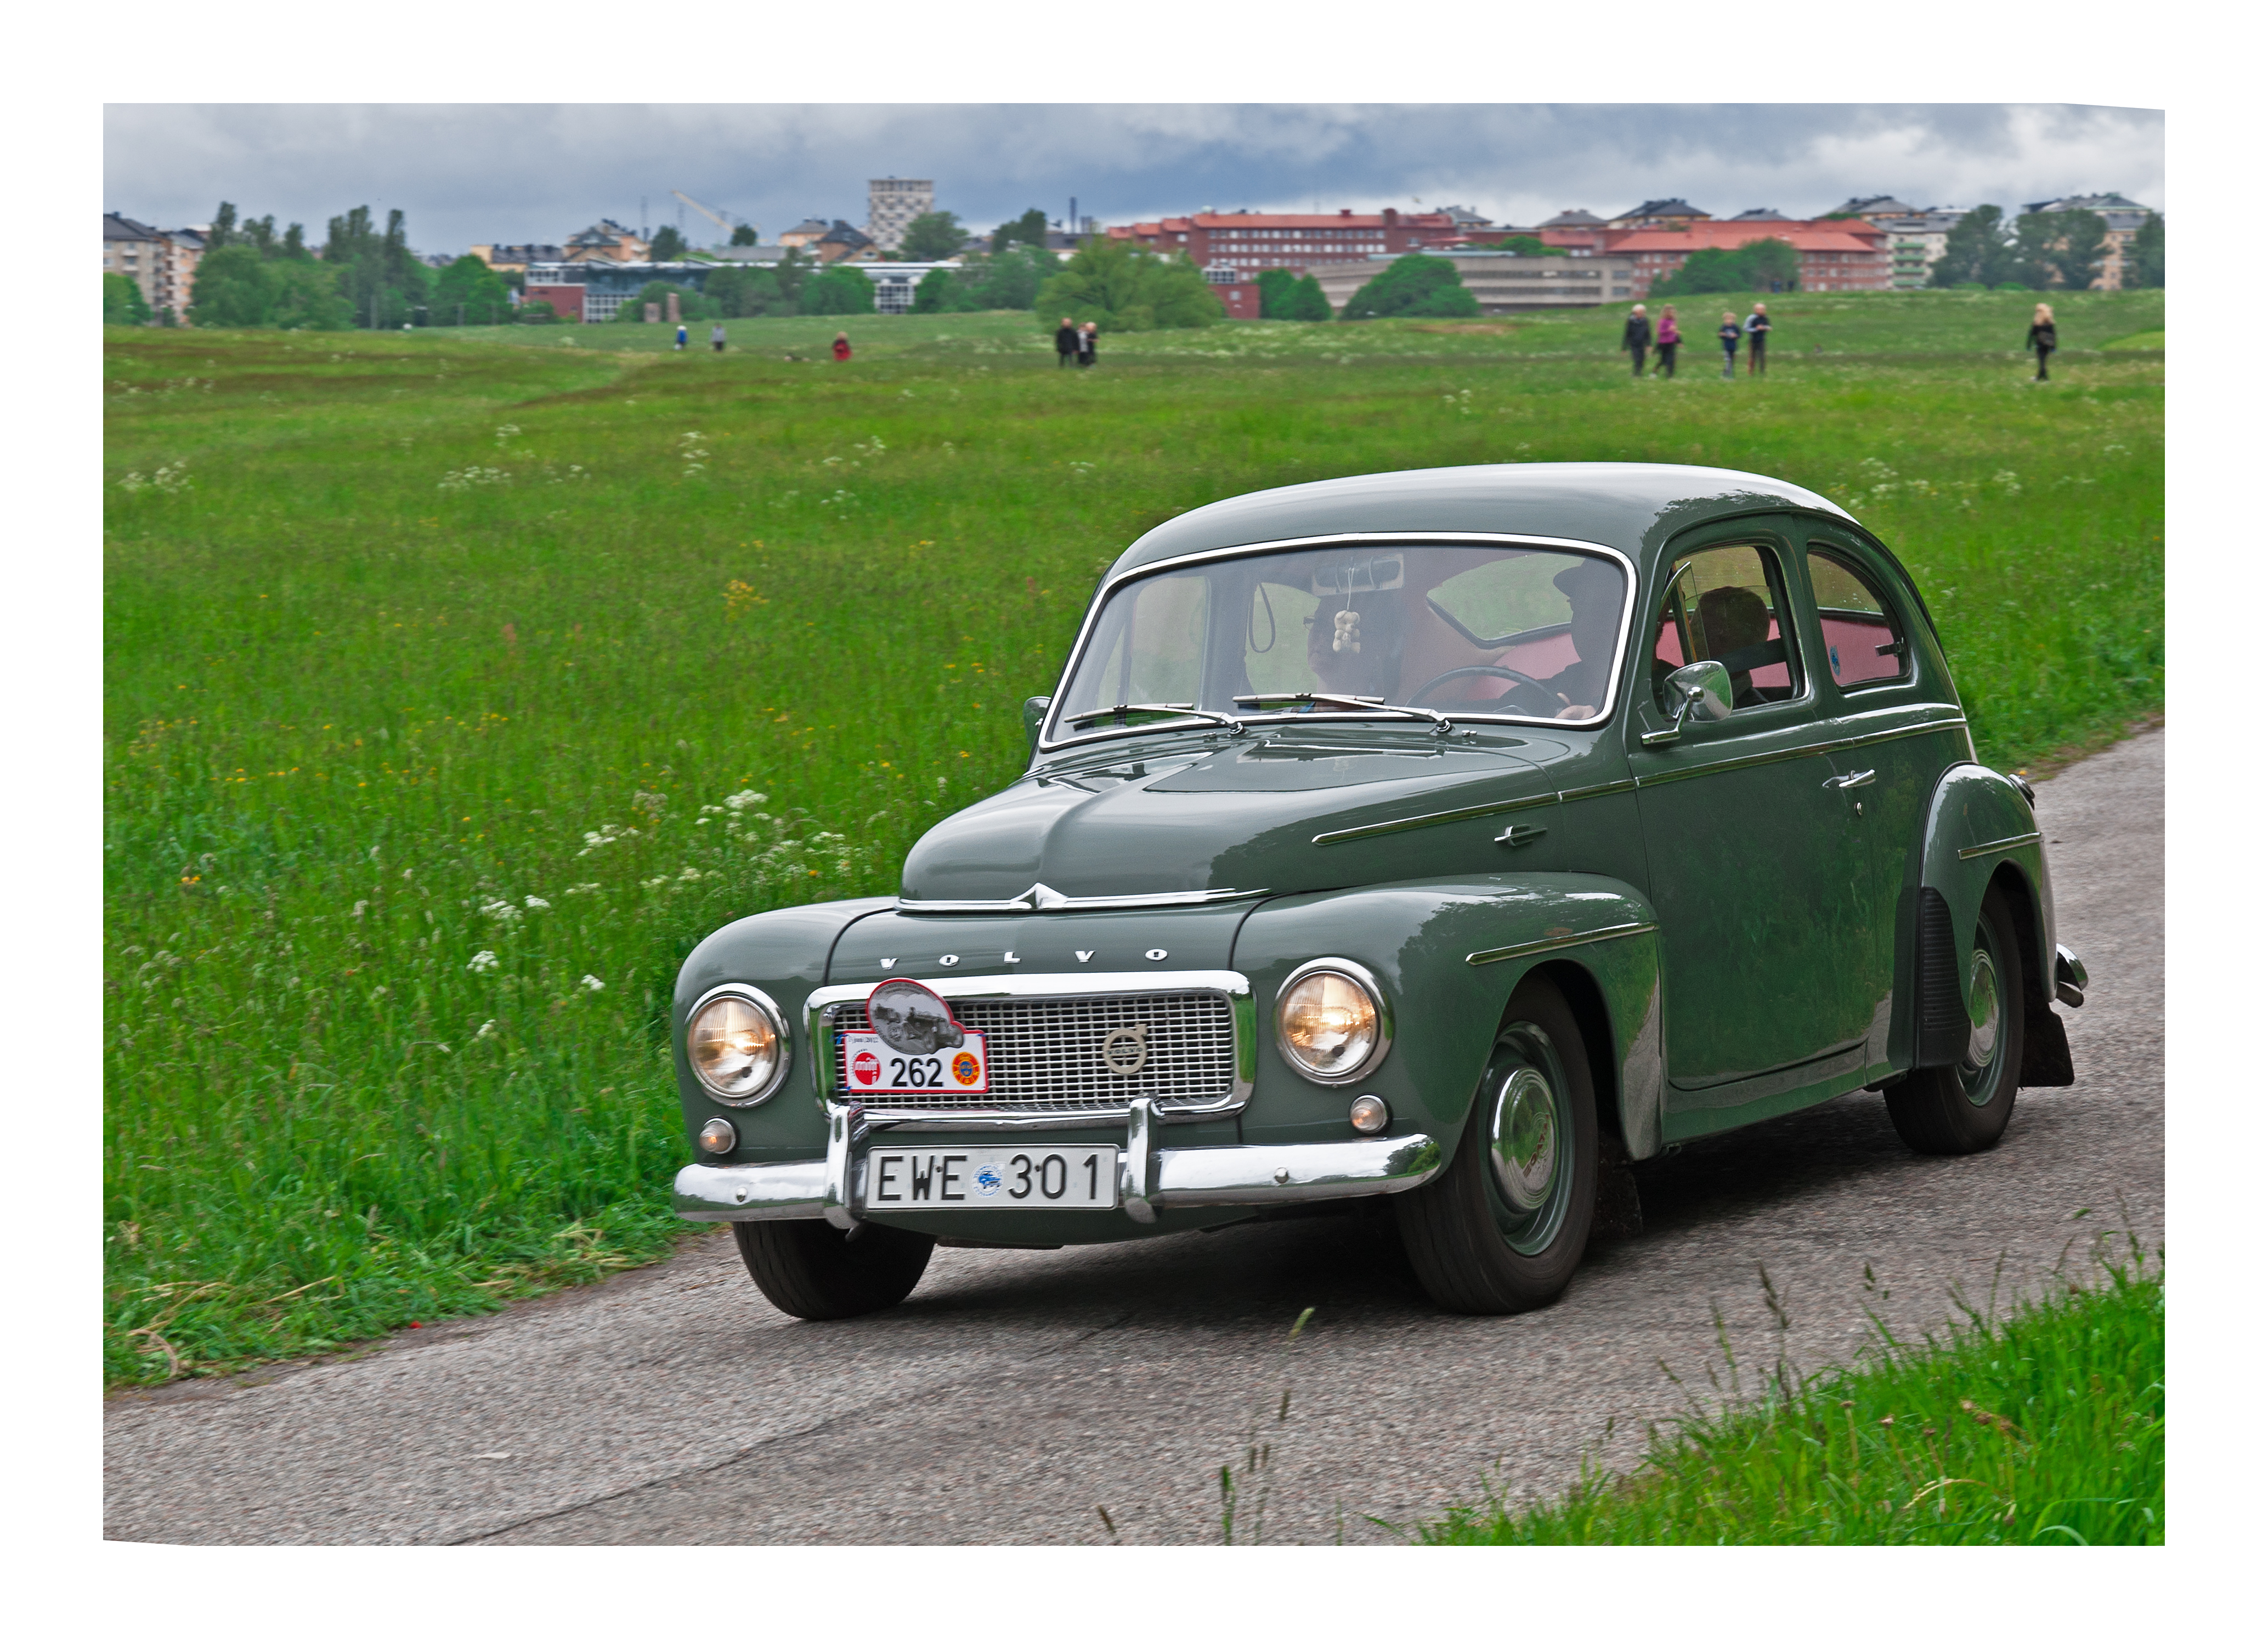 Volvo pv 544 b16a 1960 photo